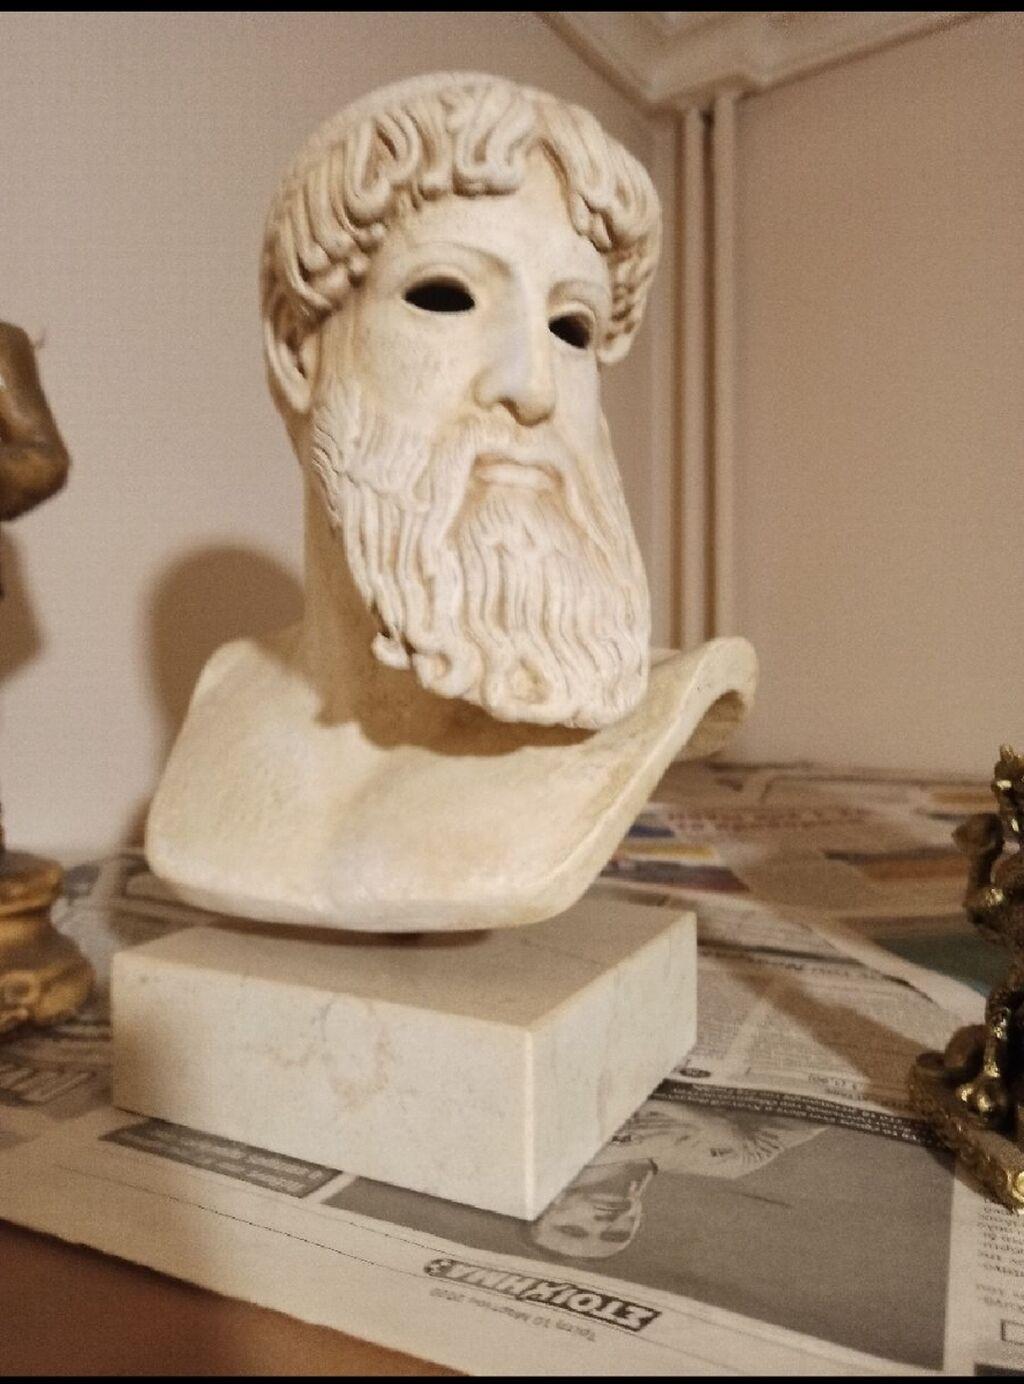 Φιγούρες - Αθήνα: Προτομή Ποσειδώνα με μαρμάρινη βάση